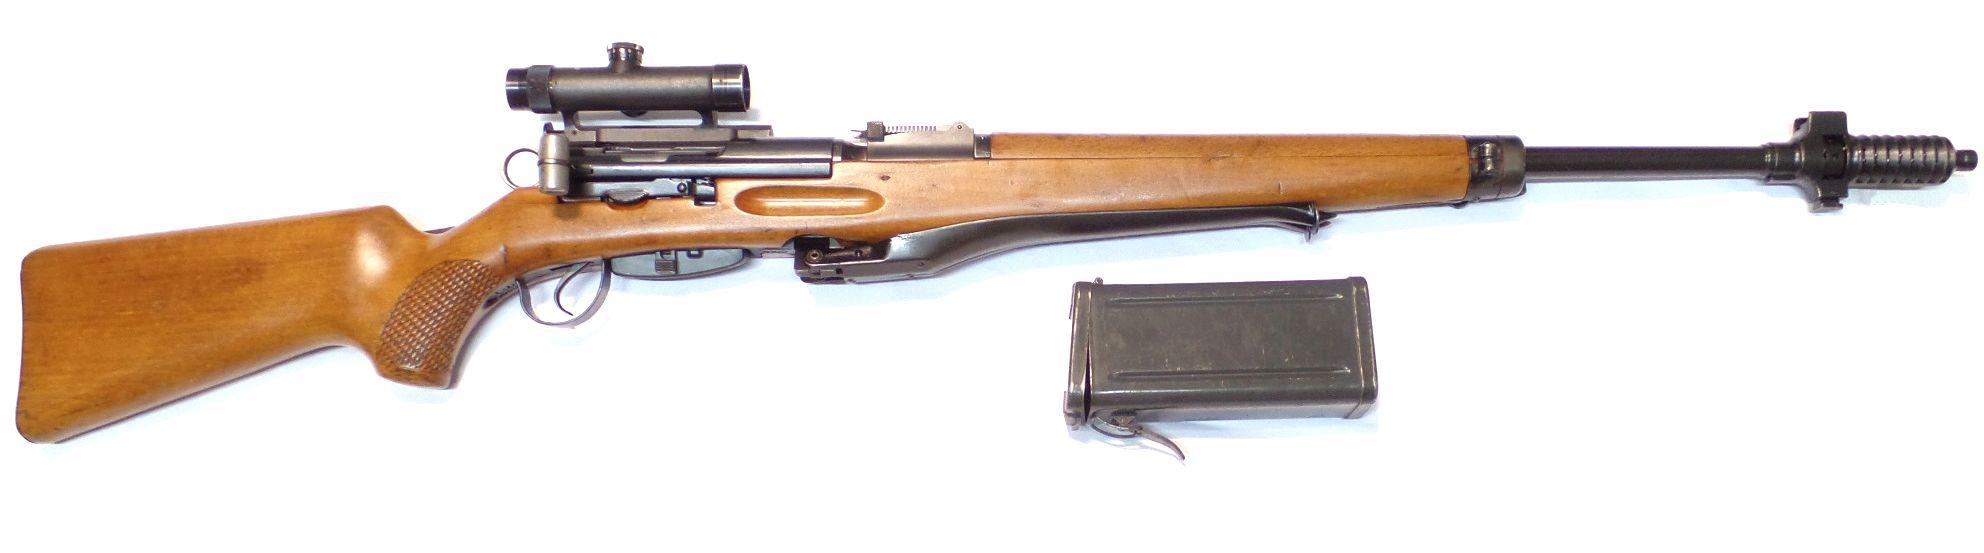 ZFK55 (ZielFernrohr Karabiner 1955) calibre 7.5x55